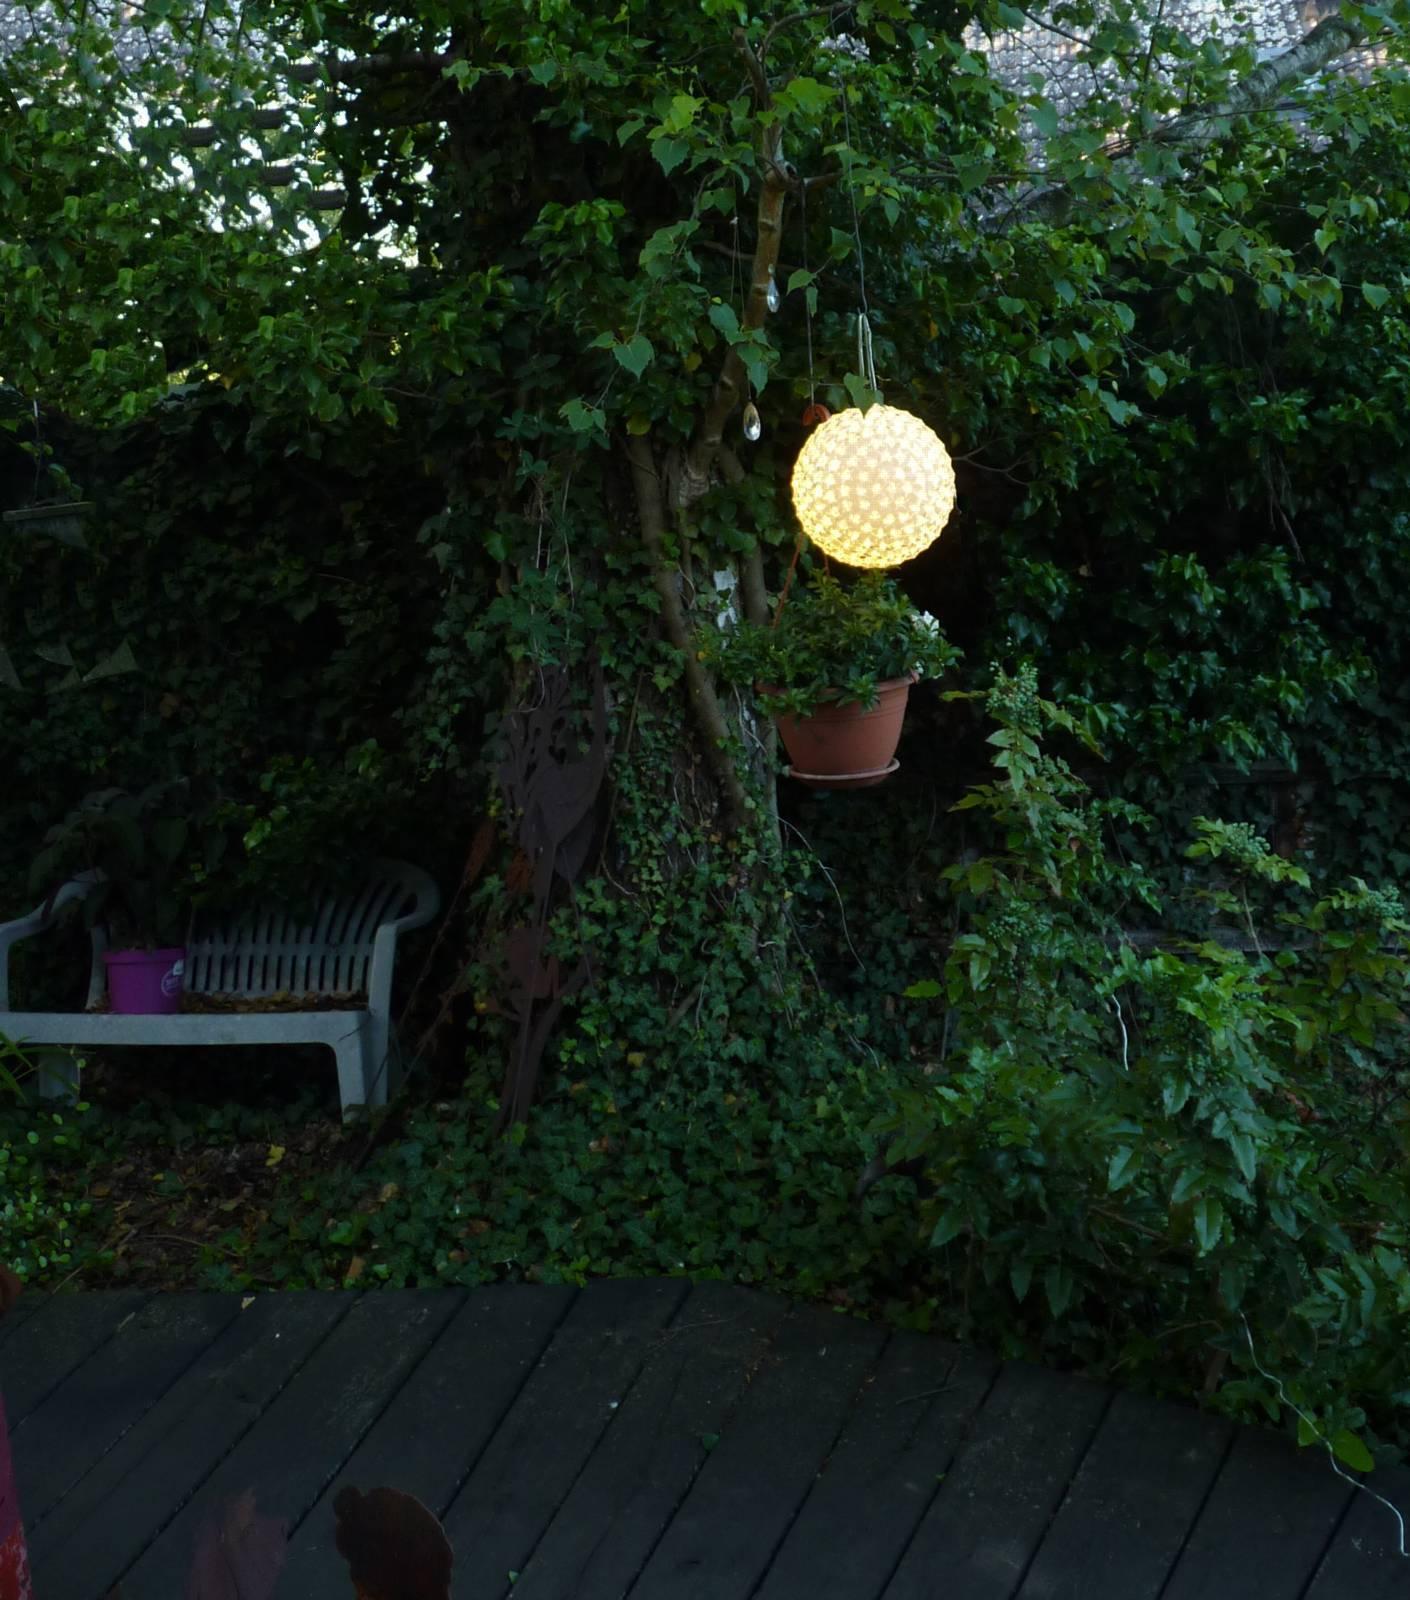 kugel leuchtkugel 300 sterne led f r au enbereich geeignet leuchte 8 leuchtarten ebay. Black Bedroom Furniture Sets. Home Design Ideas